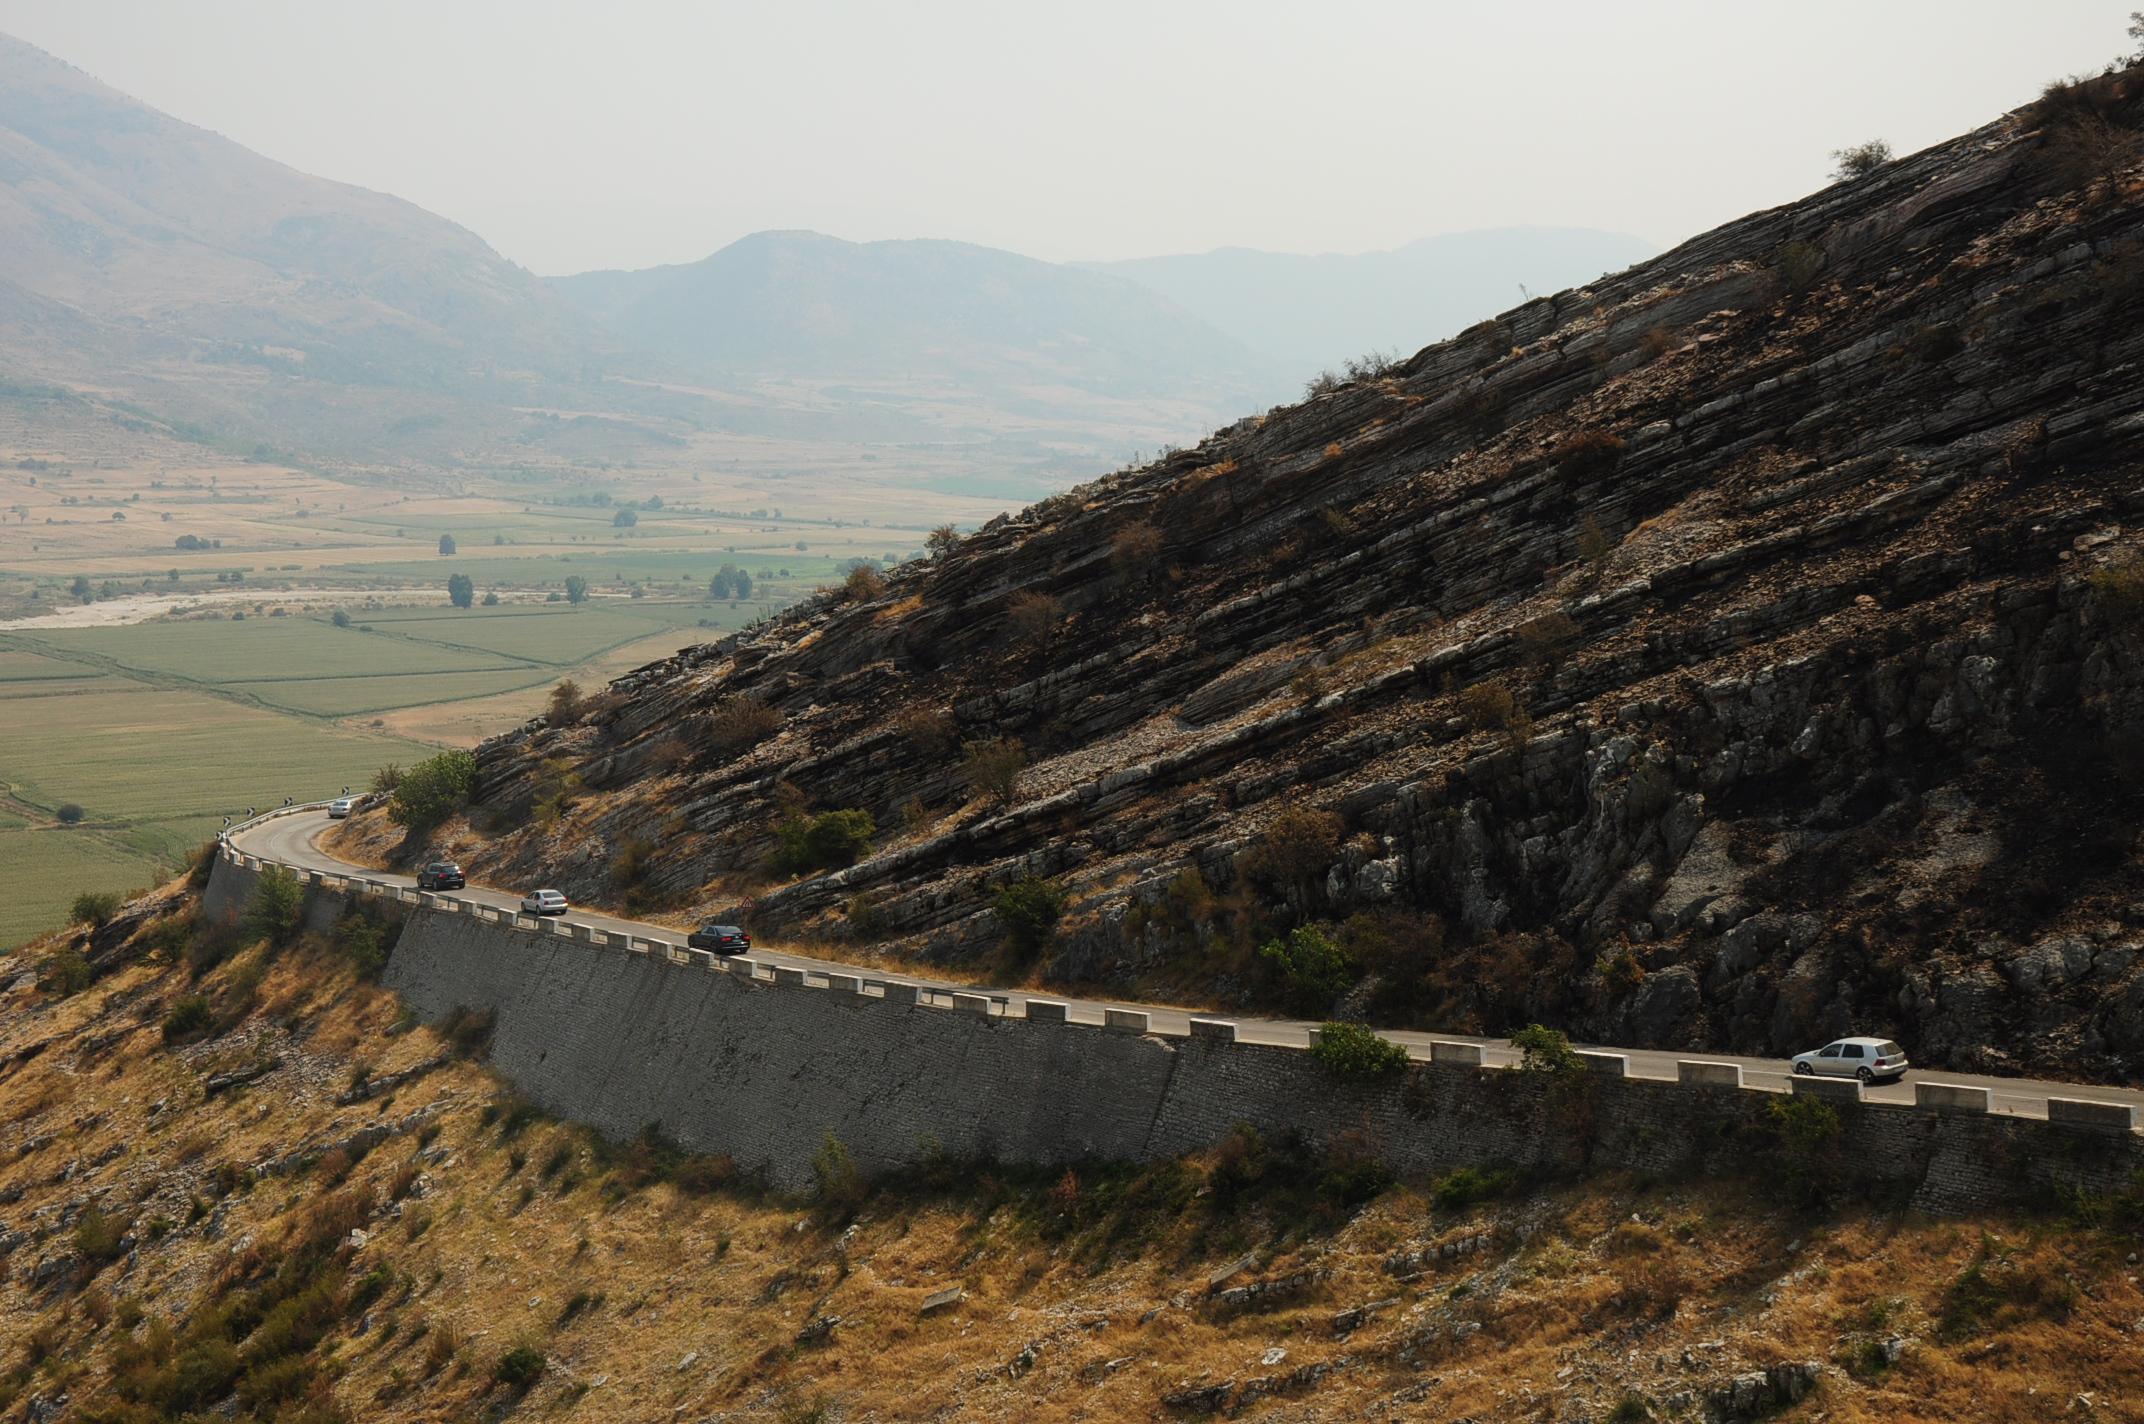 Érdekes felszíni formák kísérik a Vjosa-völgybe vezető utat